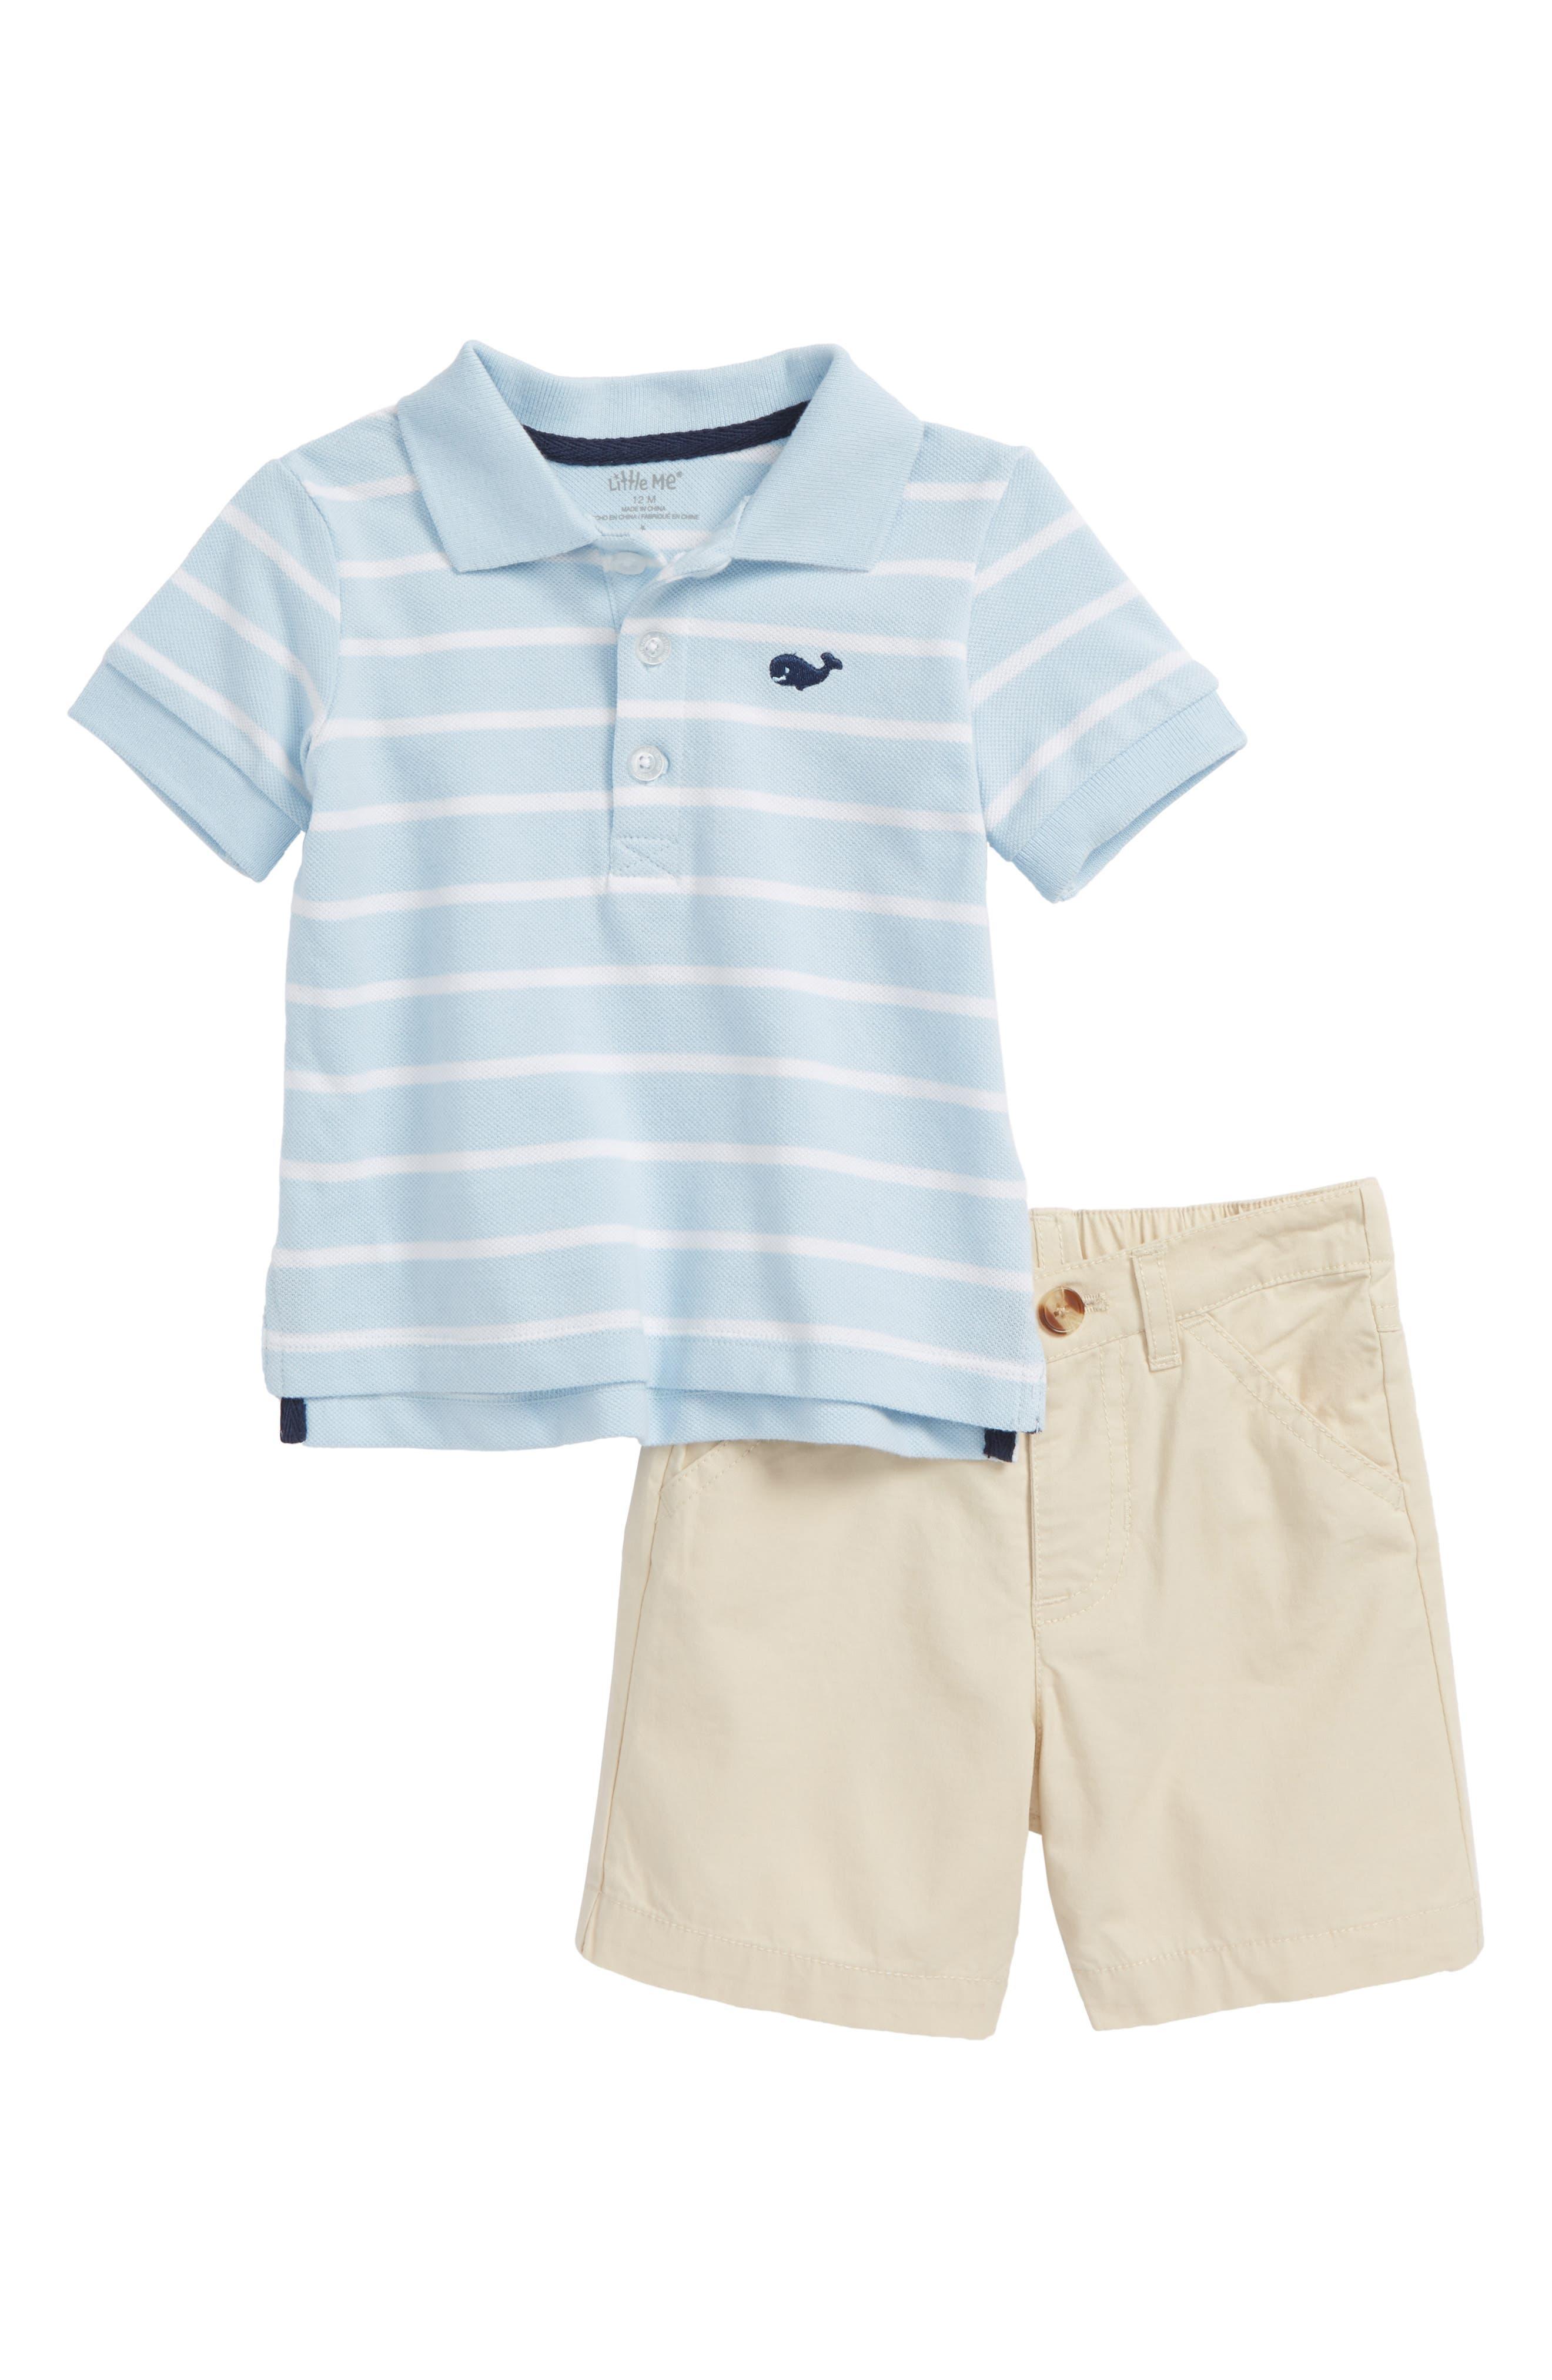 Whale Polo & Shorts Set,                             Main thumbnail 1, color,                             Tan